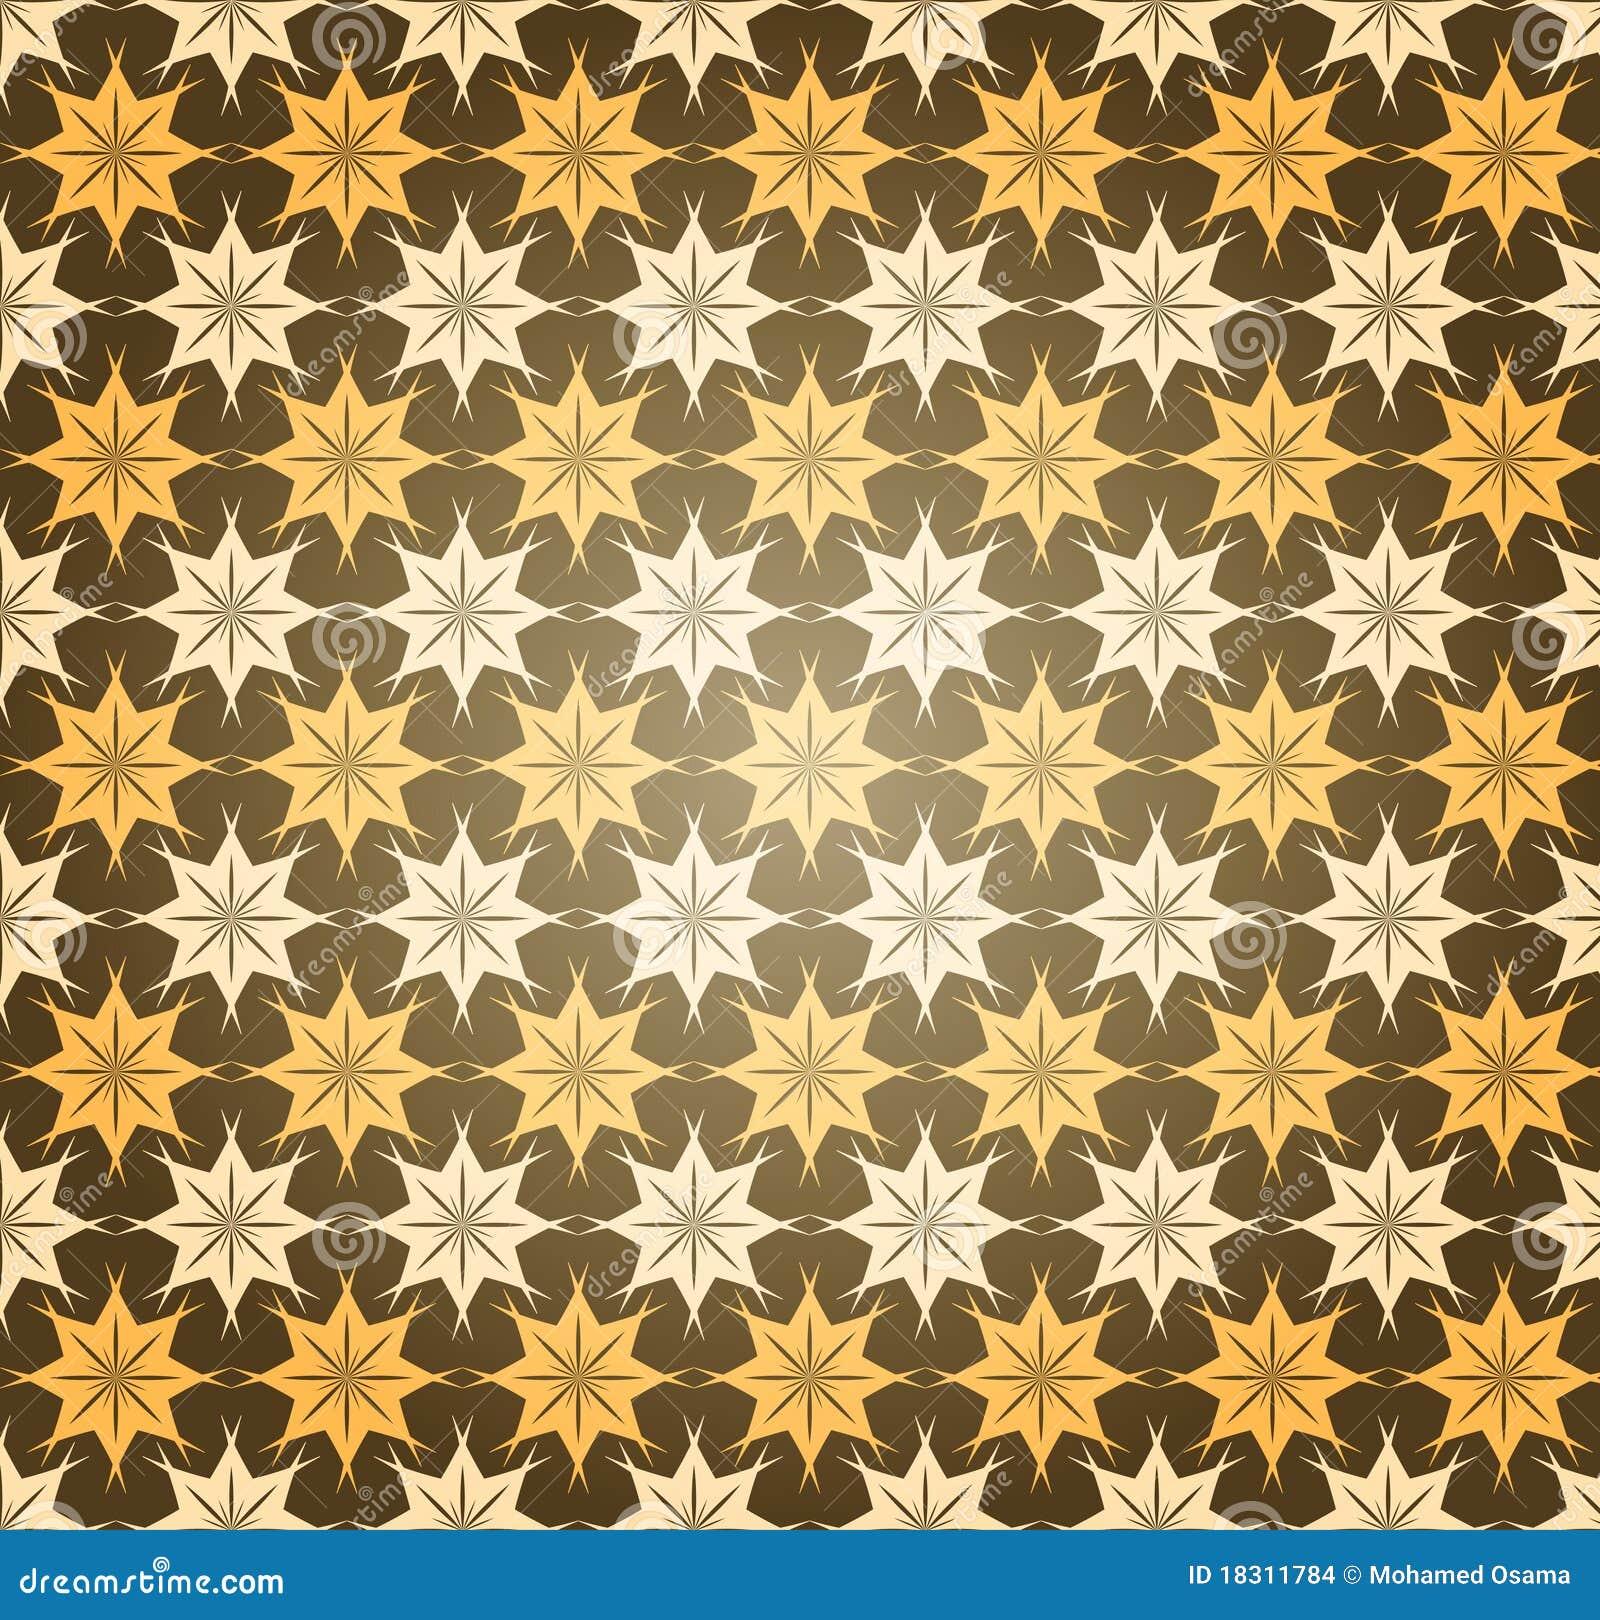 abstractstars abstract stars patterns - photo #15